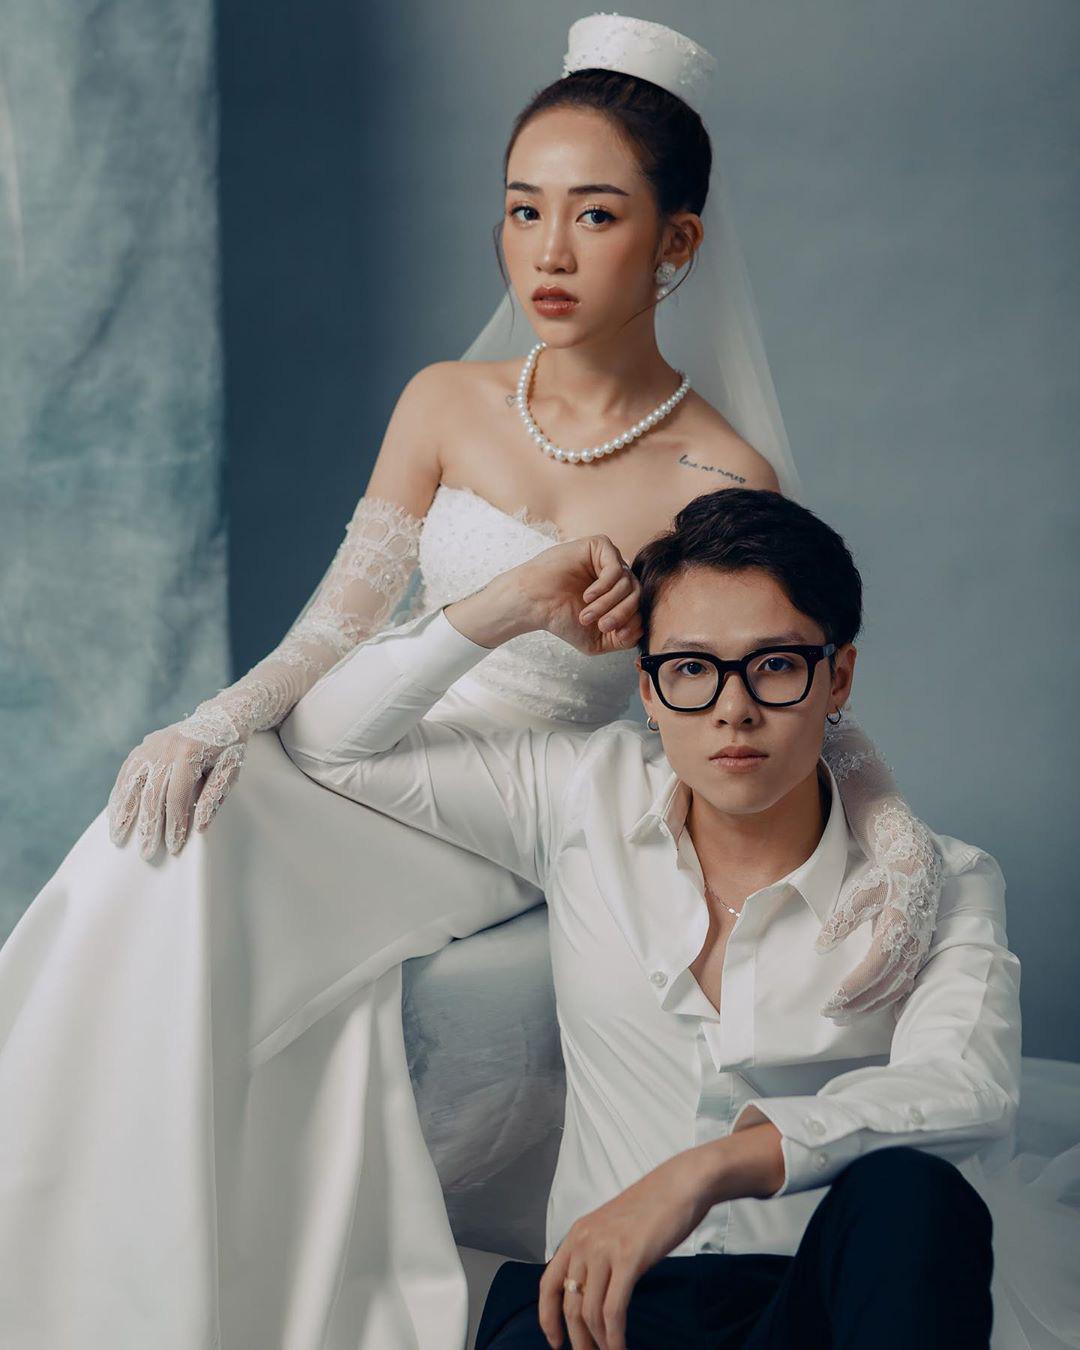 Con gái Minh Nhựa đăng loạt ảnh cưới chưa tiết lộ nhân ngày kỷ niệm 1 năm, nhìn loạt váy mà thấy trầm trồ ngưỡng mộ - Ảnh 5.